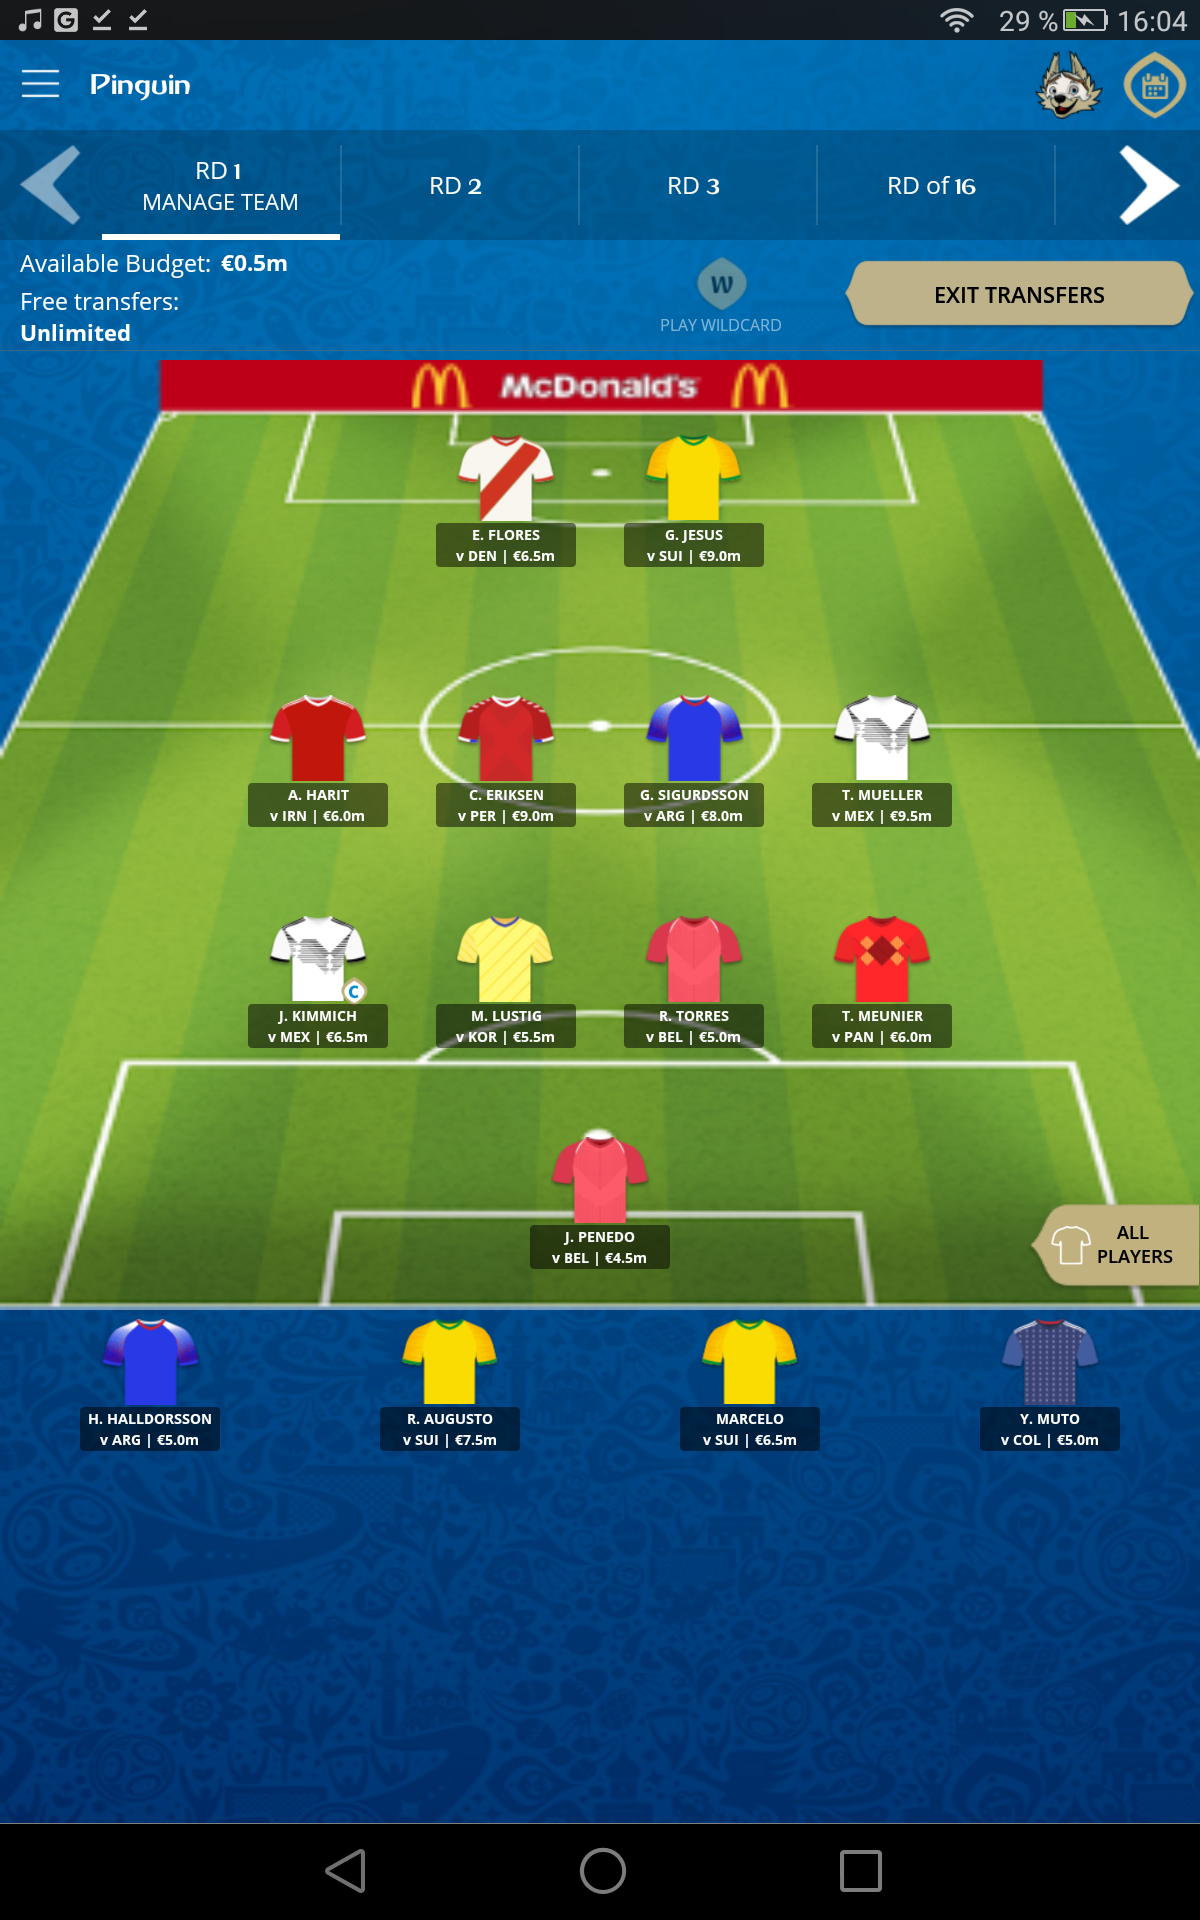 2ecce6fe4 Fantasy MS - Staň se nejlepším manažerem EuroFotbalu - EuroFotbal.cz